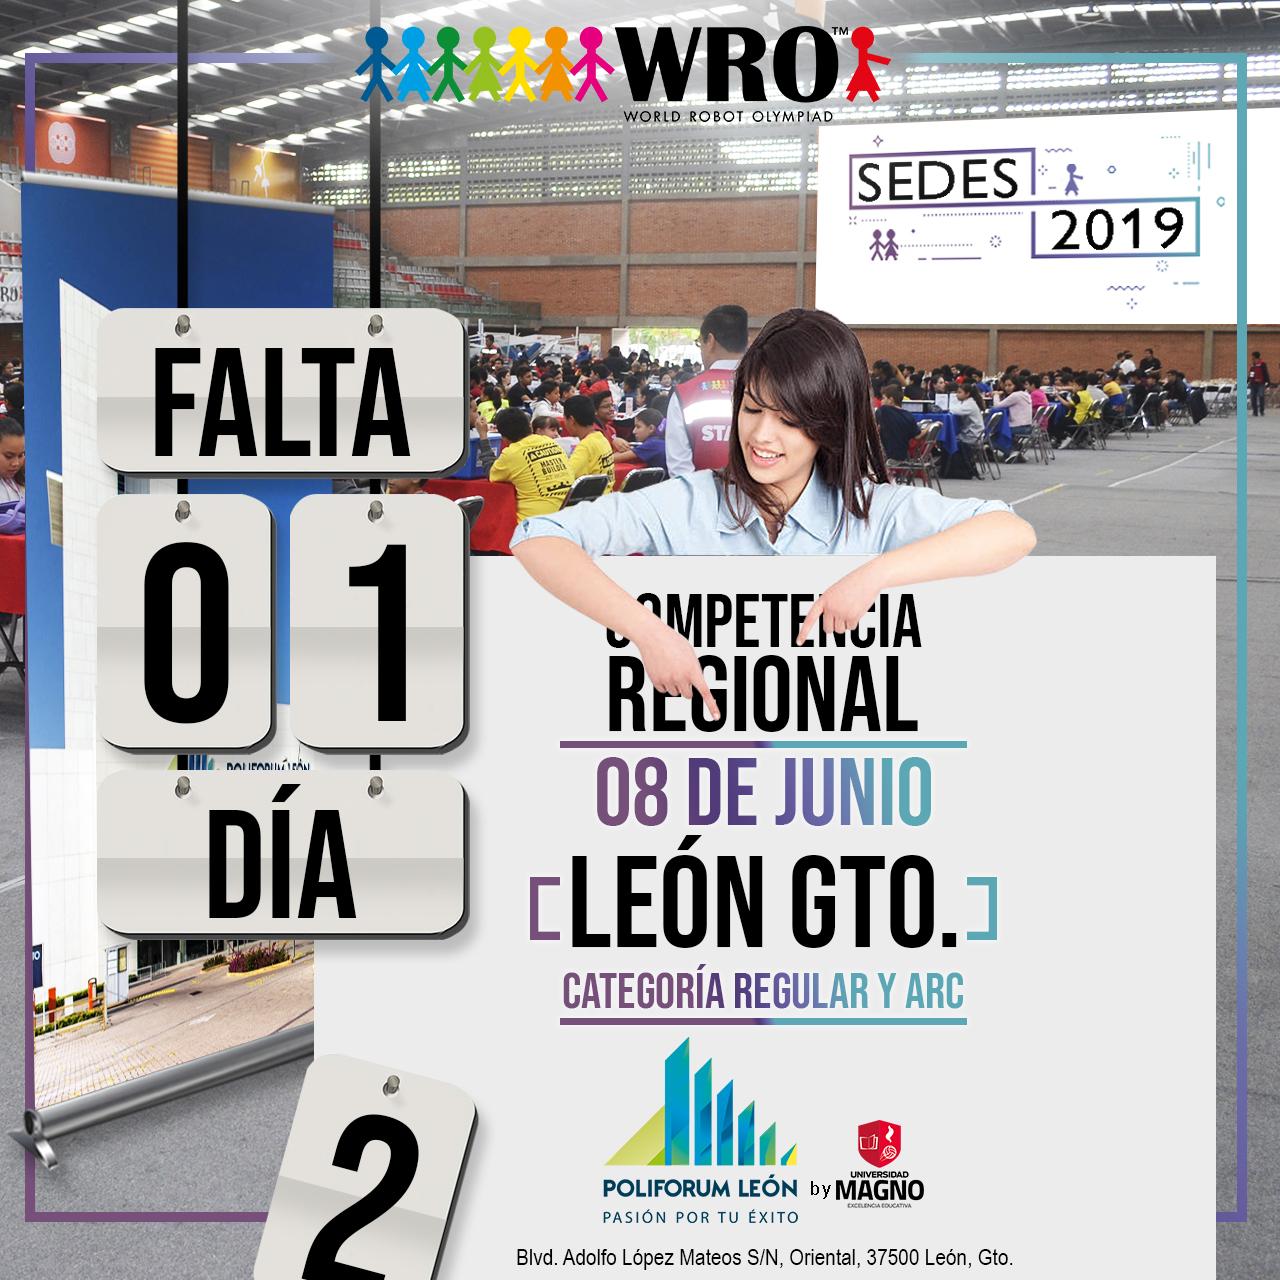 WRO México | Falta 1 día Sede León